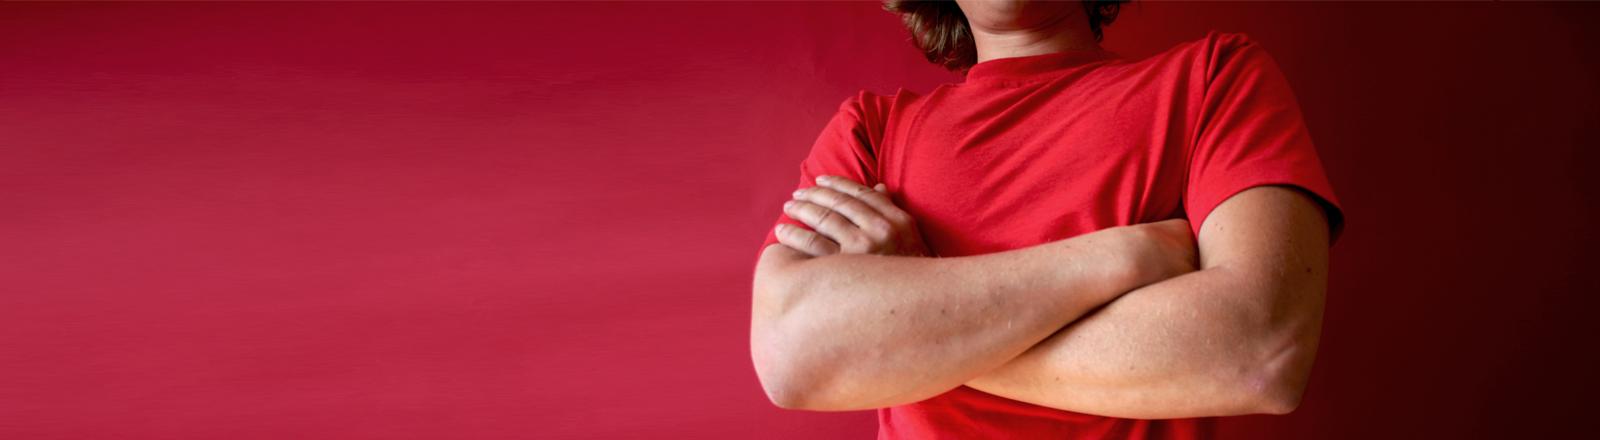 Ein Mann im roten Shirt verschränkt die Arme vor der Brust.